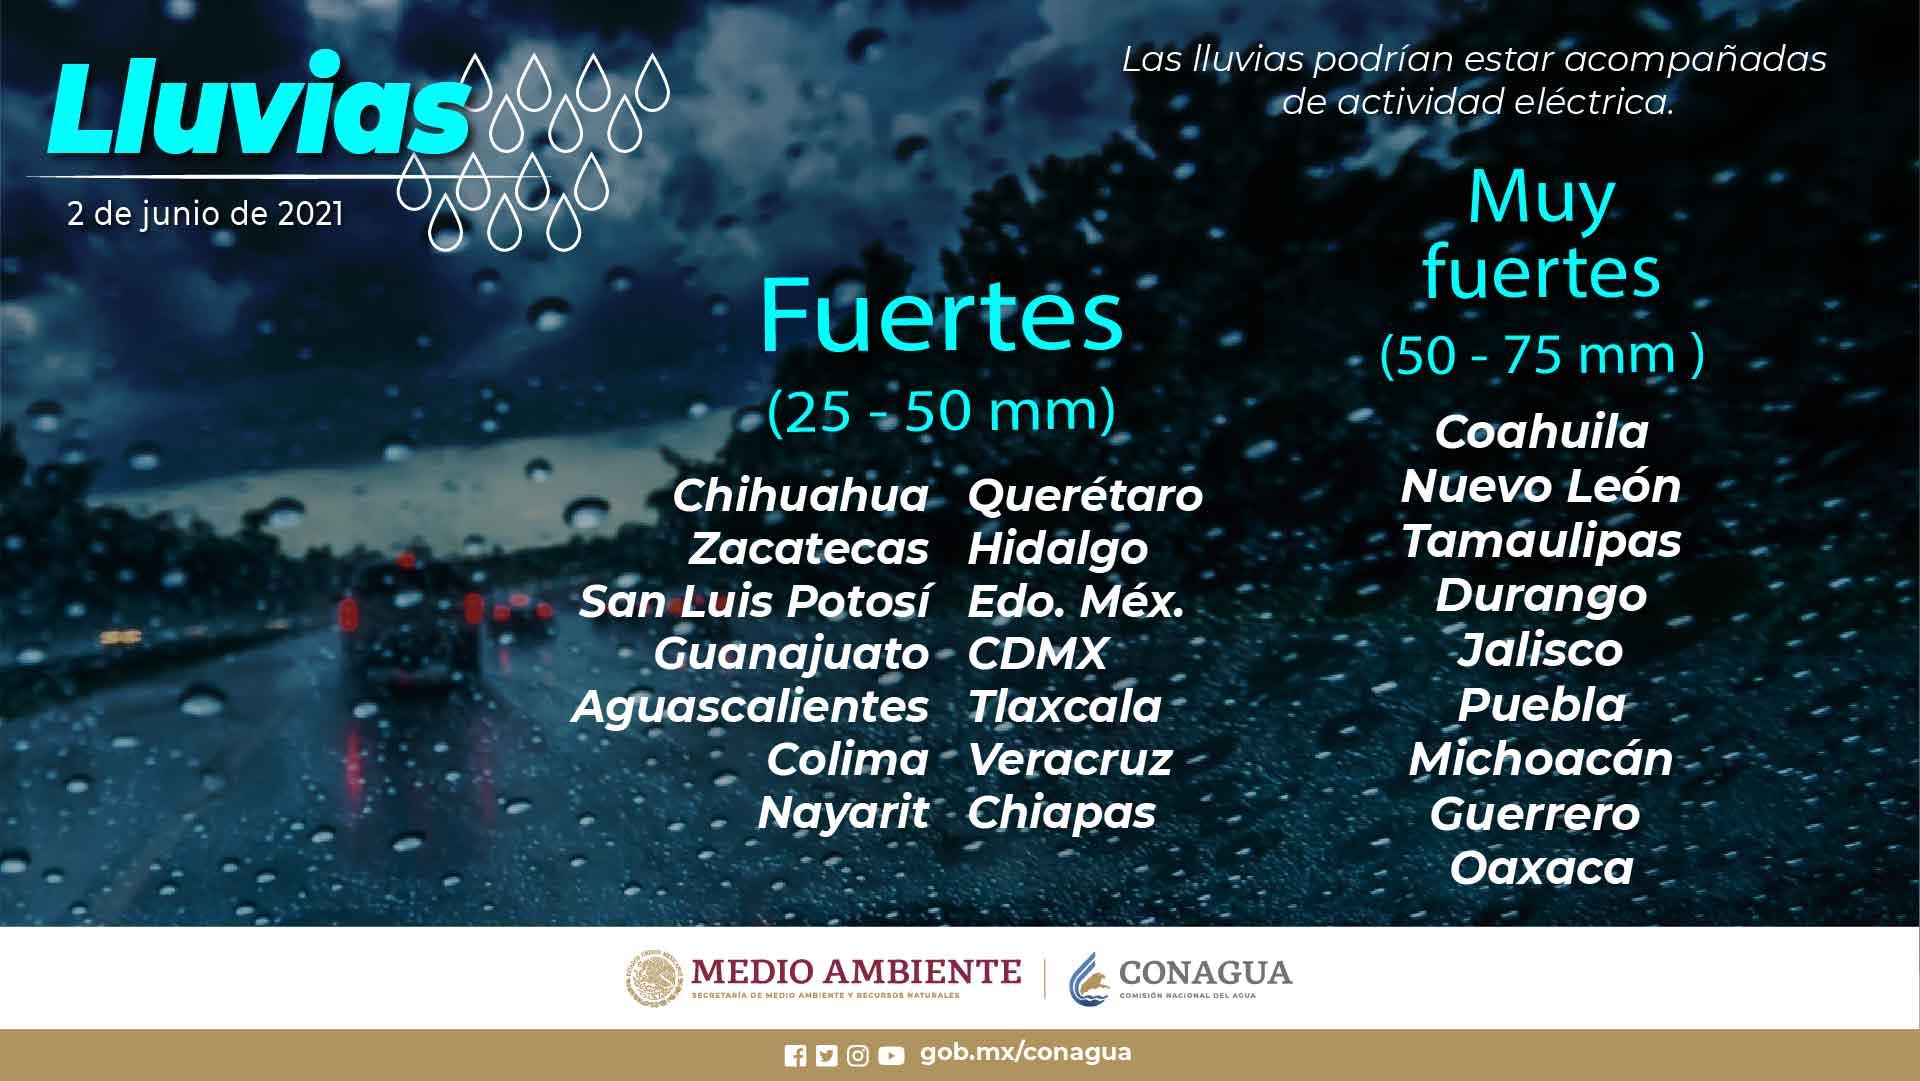 Se esperan lluvias fuertes para Tlaxcala el dia de hoy miércoles